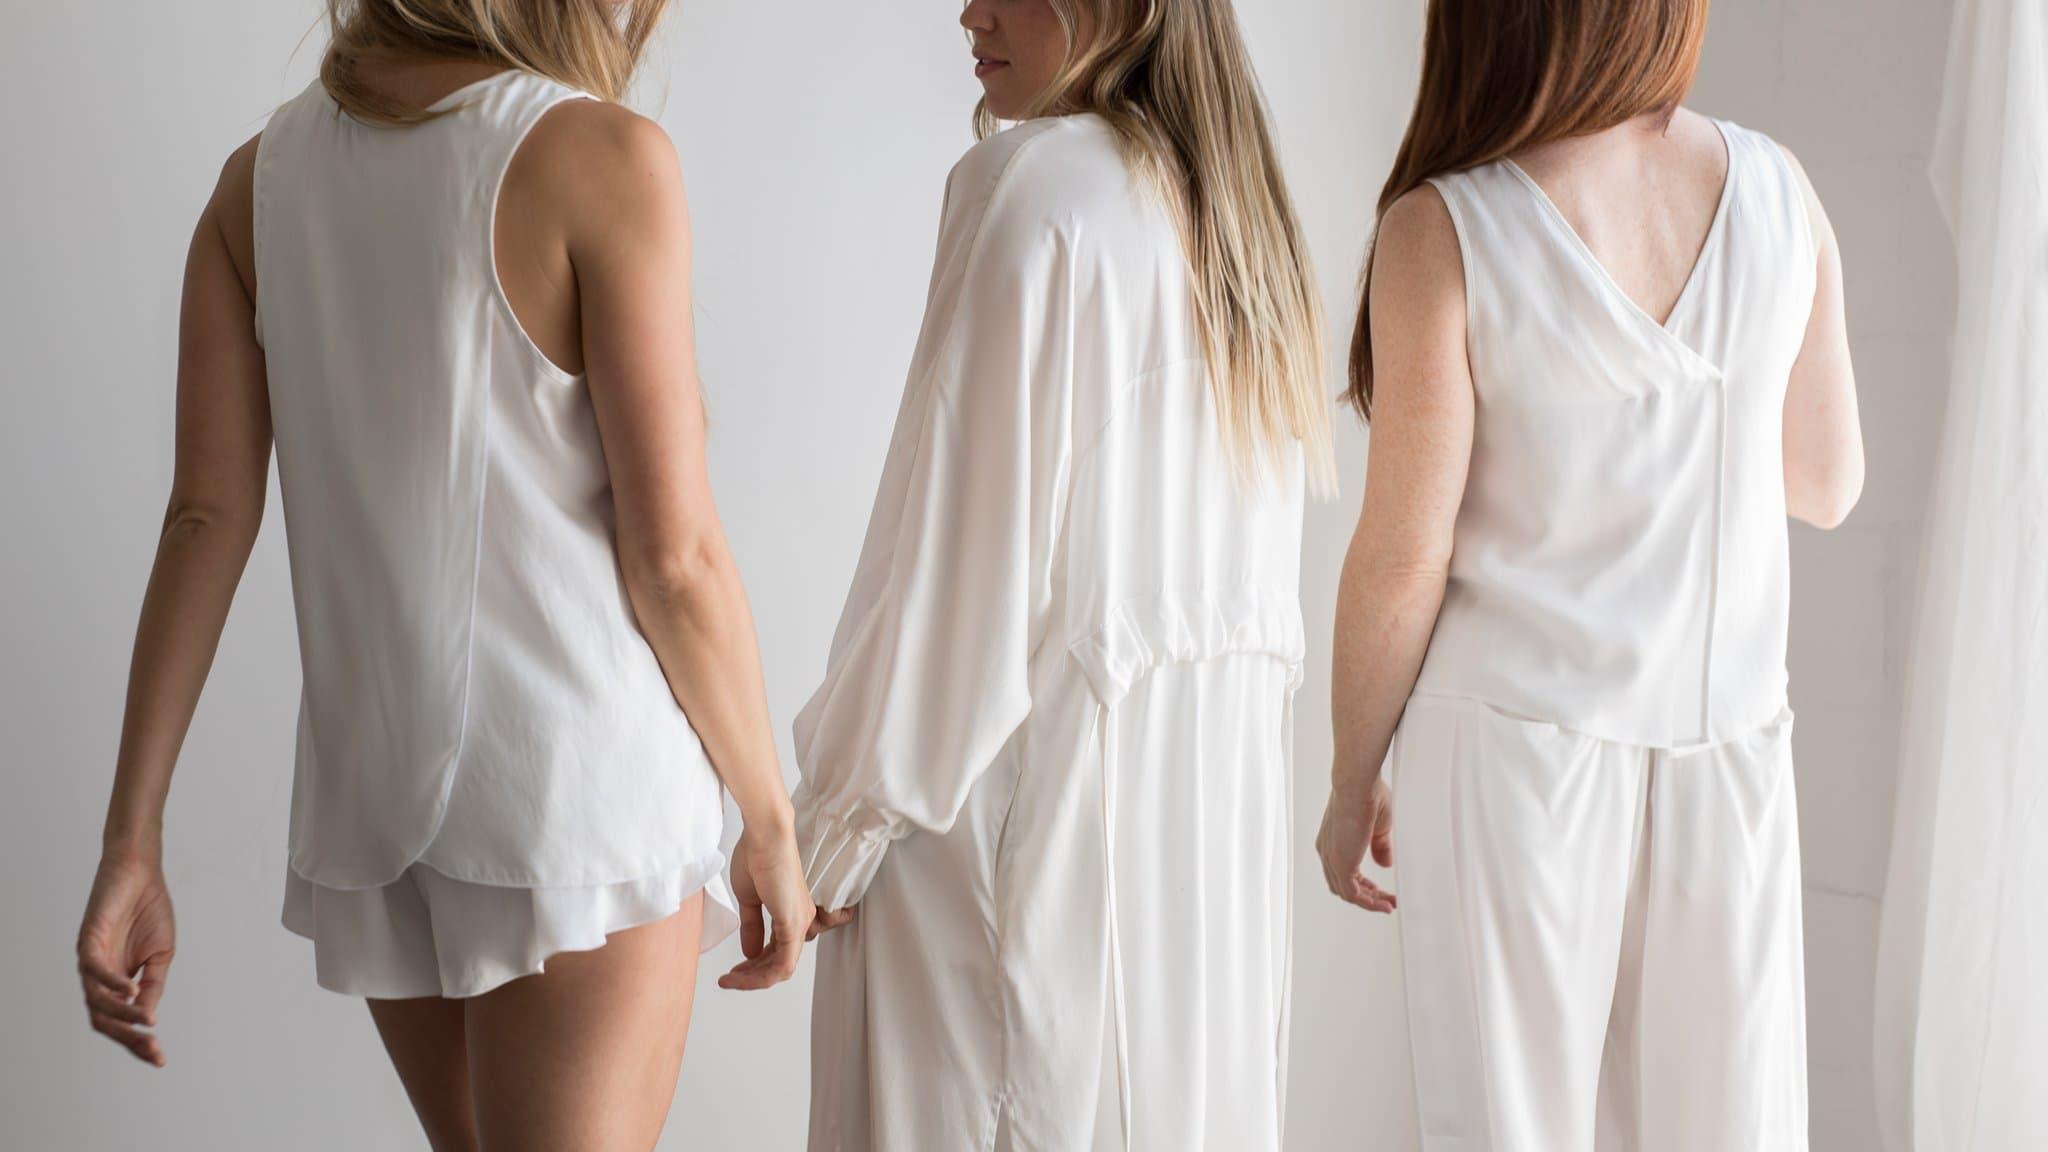 lunya sleepwear review